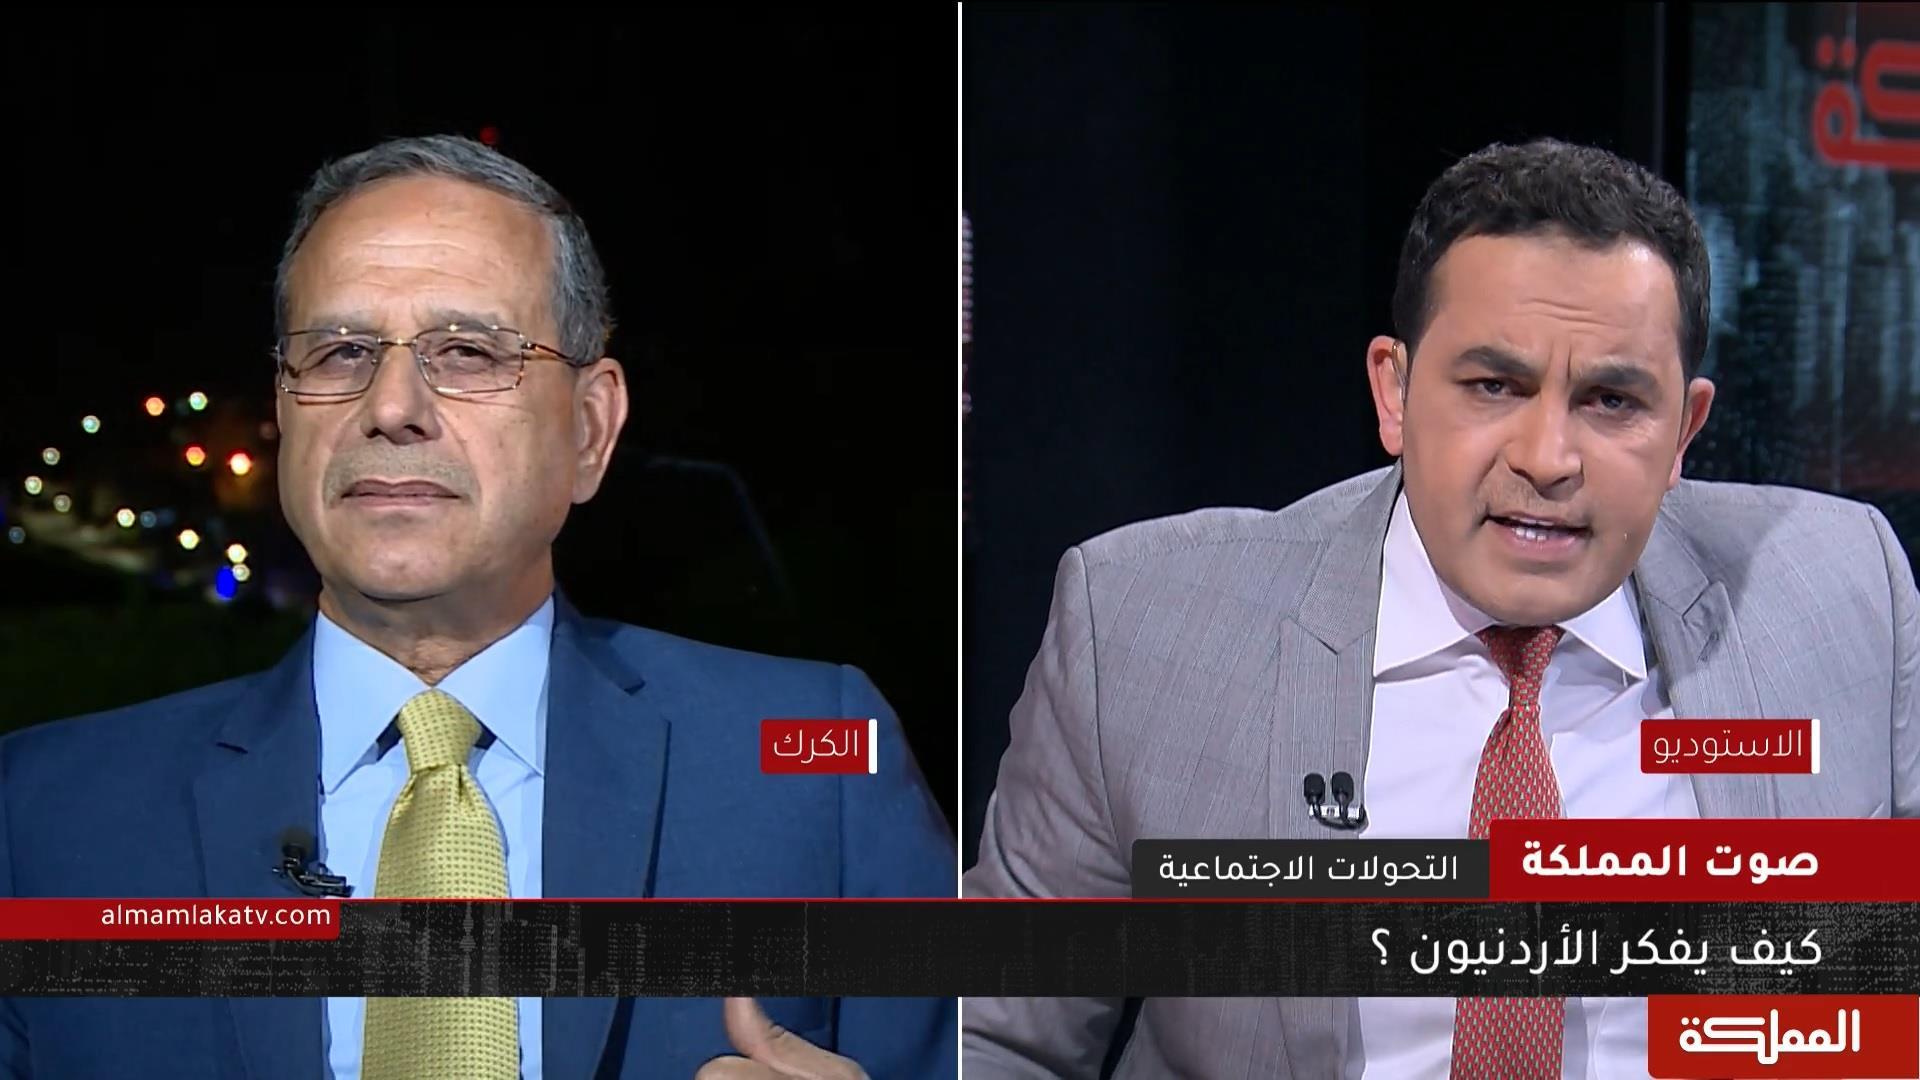 صوت المملكة | كيف يفكر الأردنيون ؟